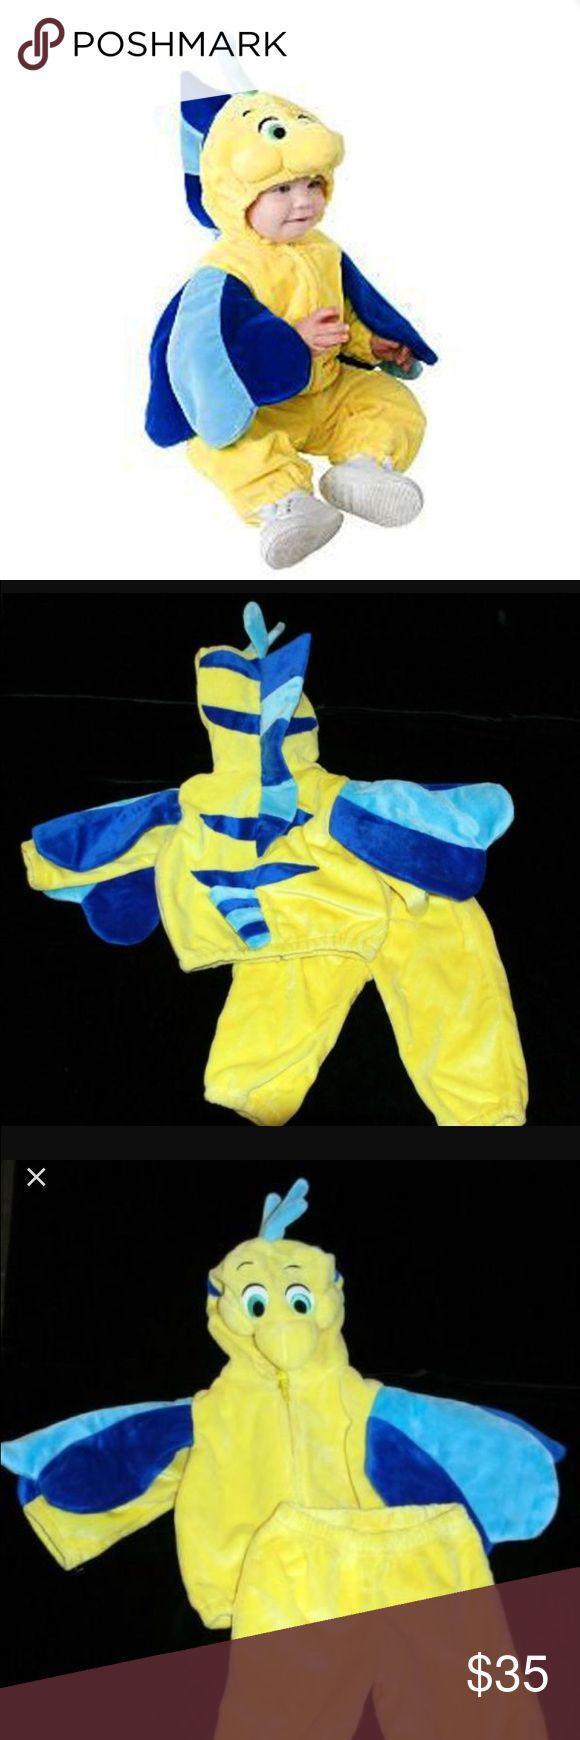 Best 25 Flounder Costume Ideas Only On Pinterest Family  sc 1 st  Meningrey & Flounder The Little Mermaid Costume - Meningrey